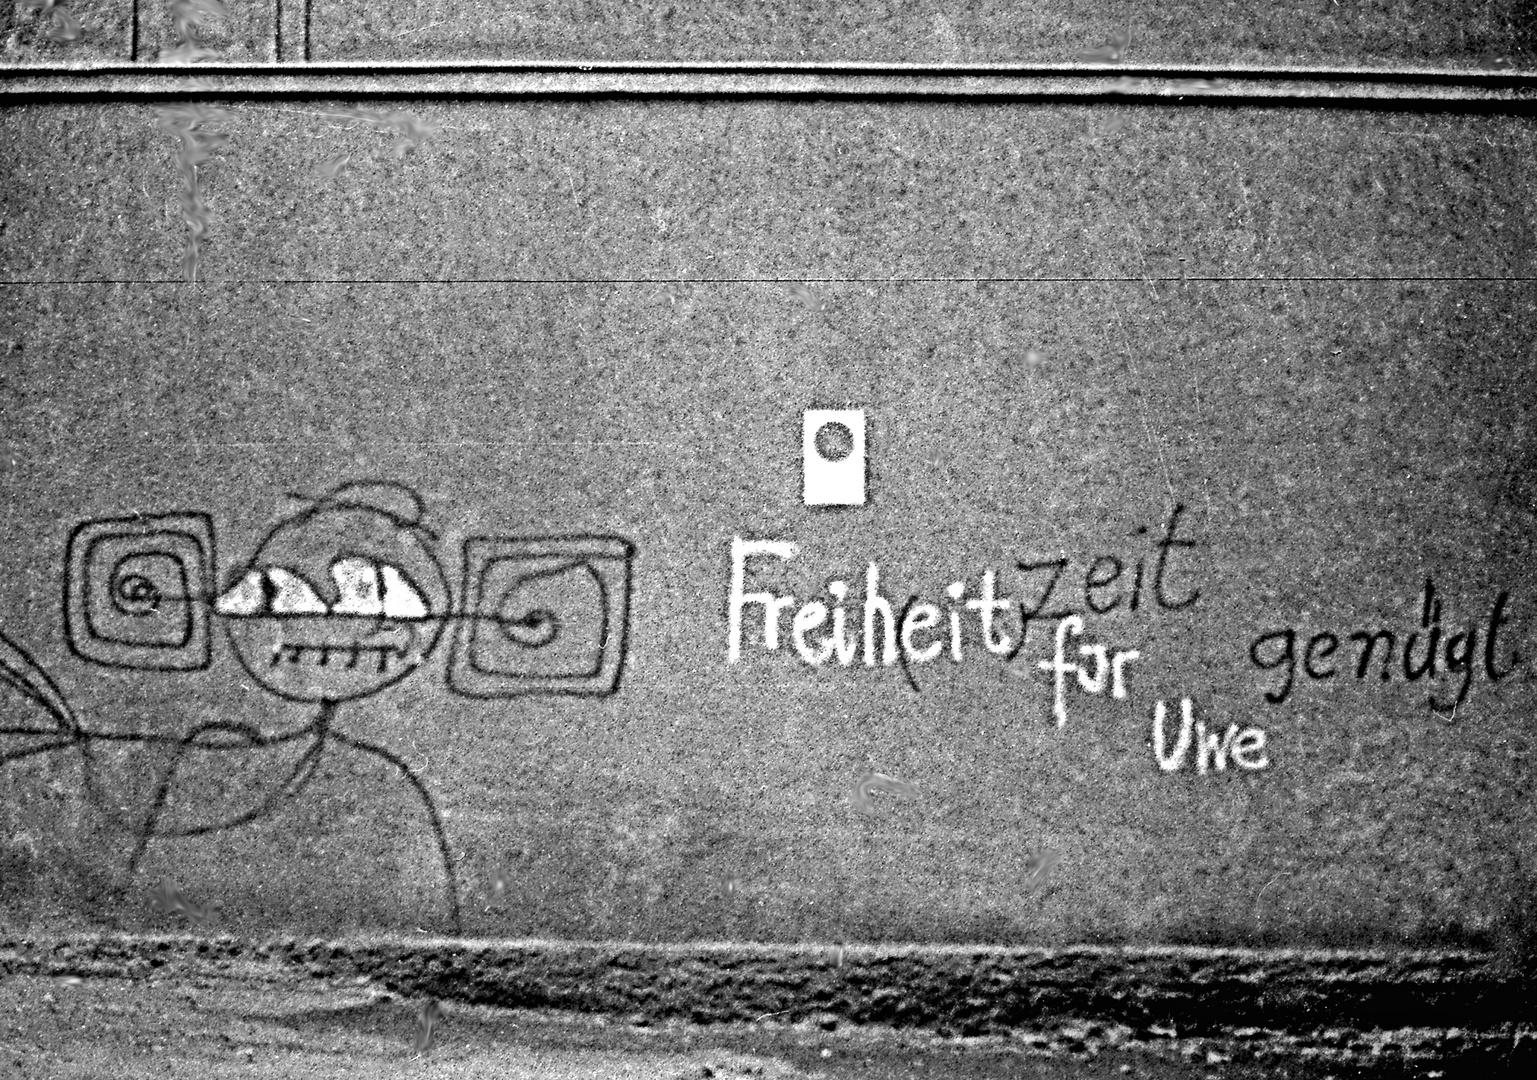 Wtzlar_1984-1